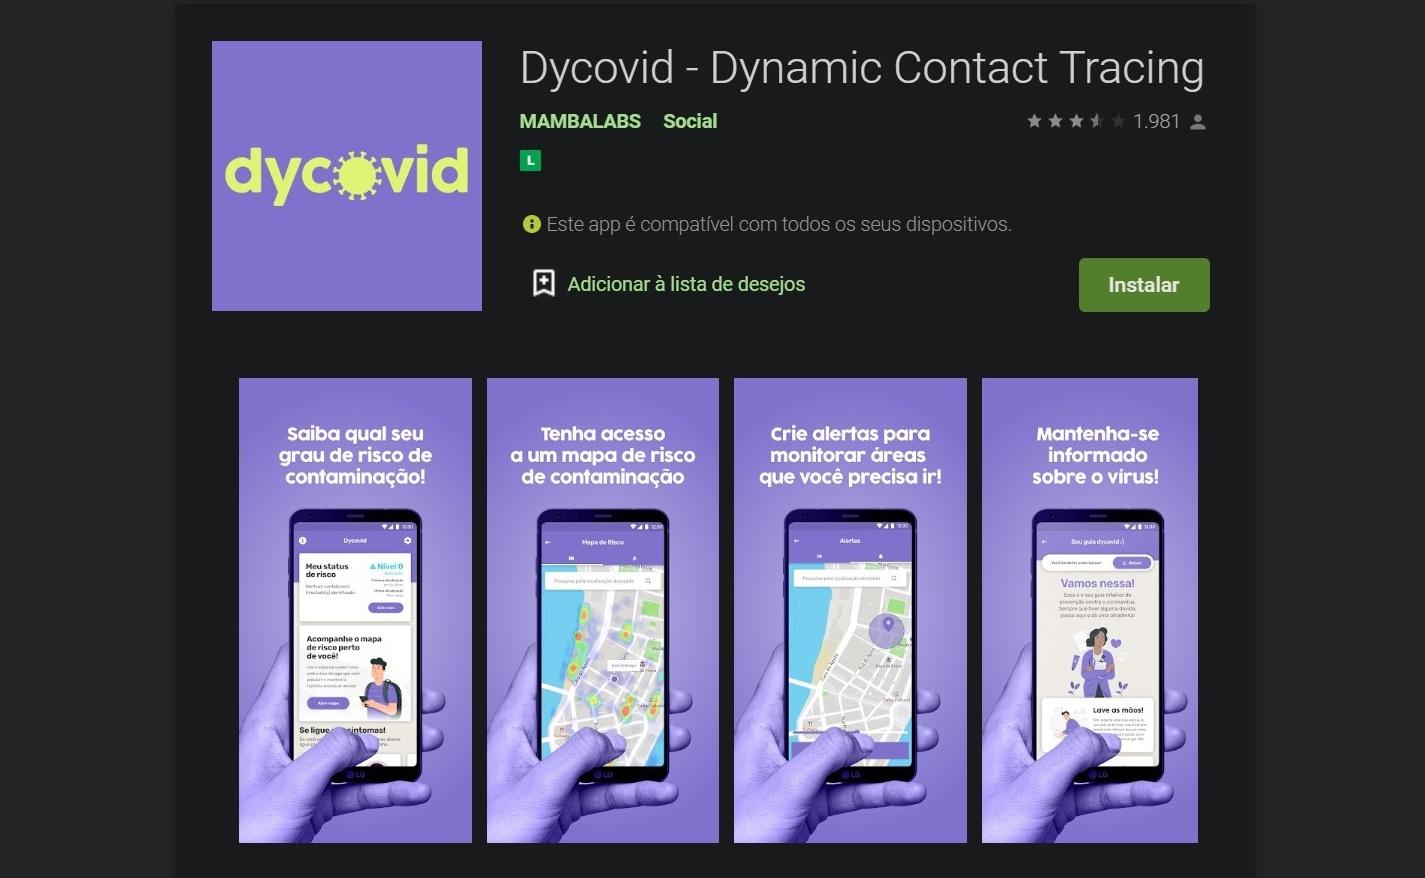 Dycovid pode prever contágio, mesmo antes de surgirem os sintomas.